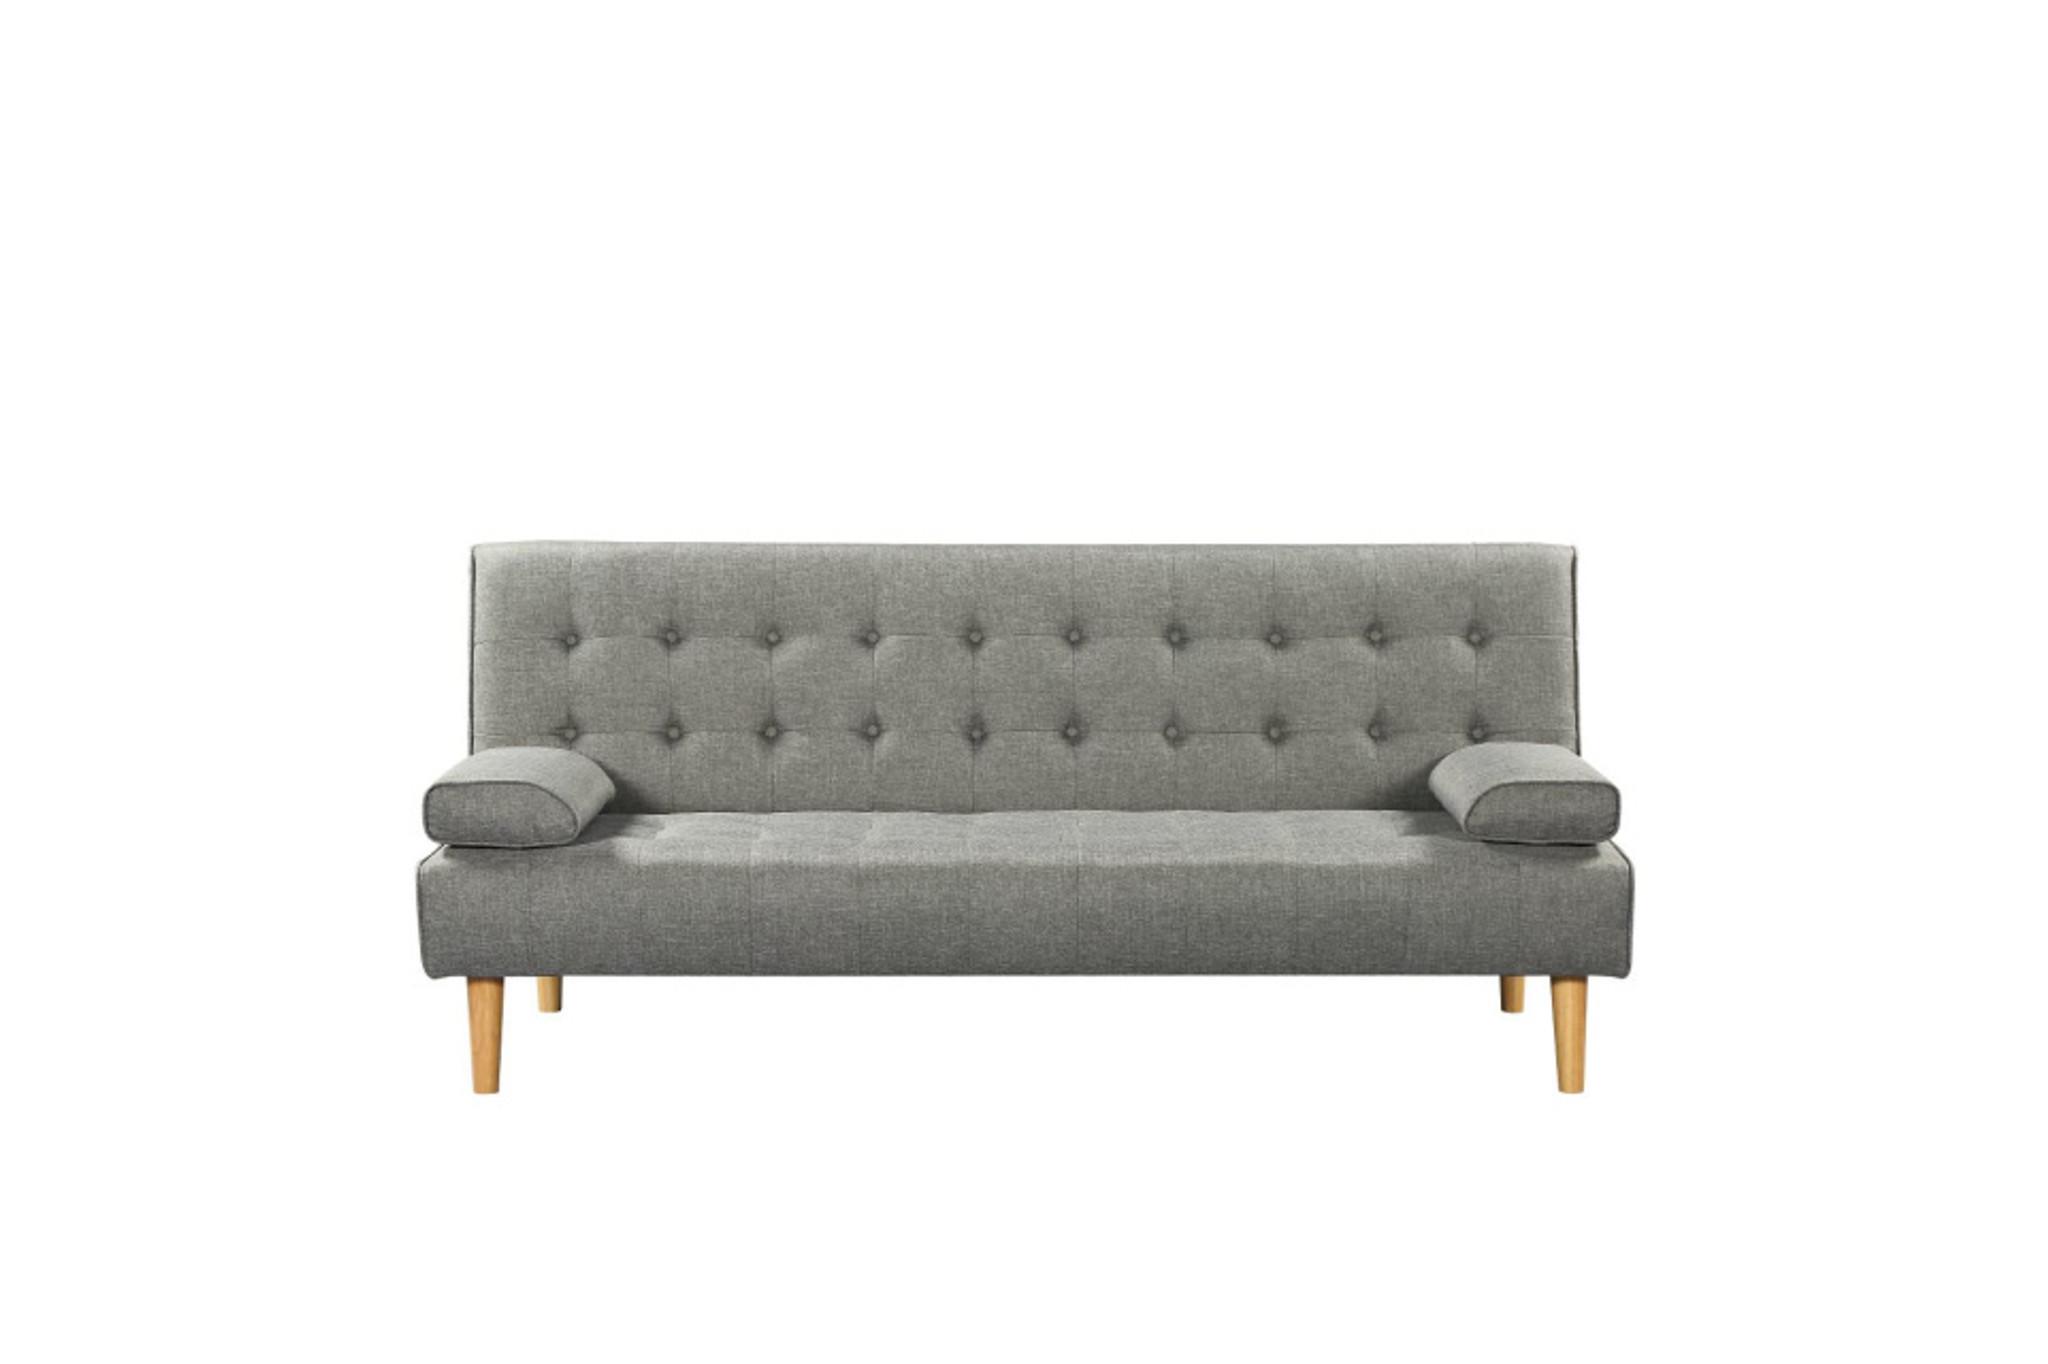 Surprising Futon Adjustable Sofa Bed Inzonedesignstudio Interior Chair Design Inzonedesignstudiocom